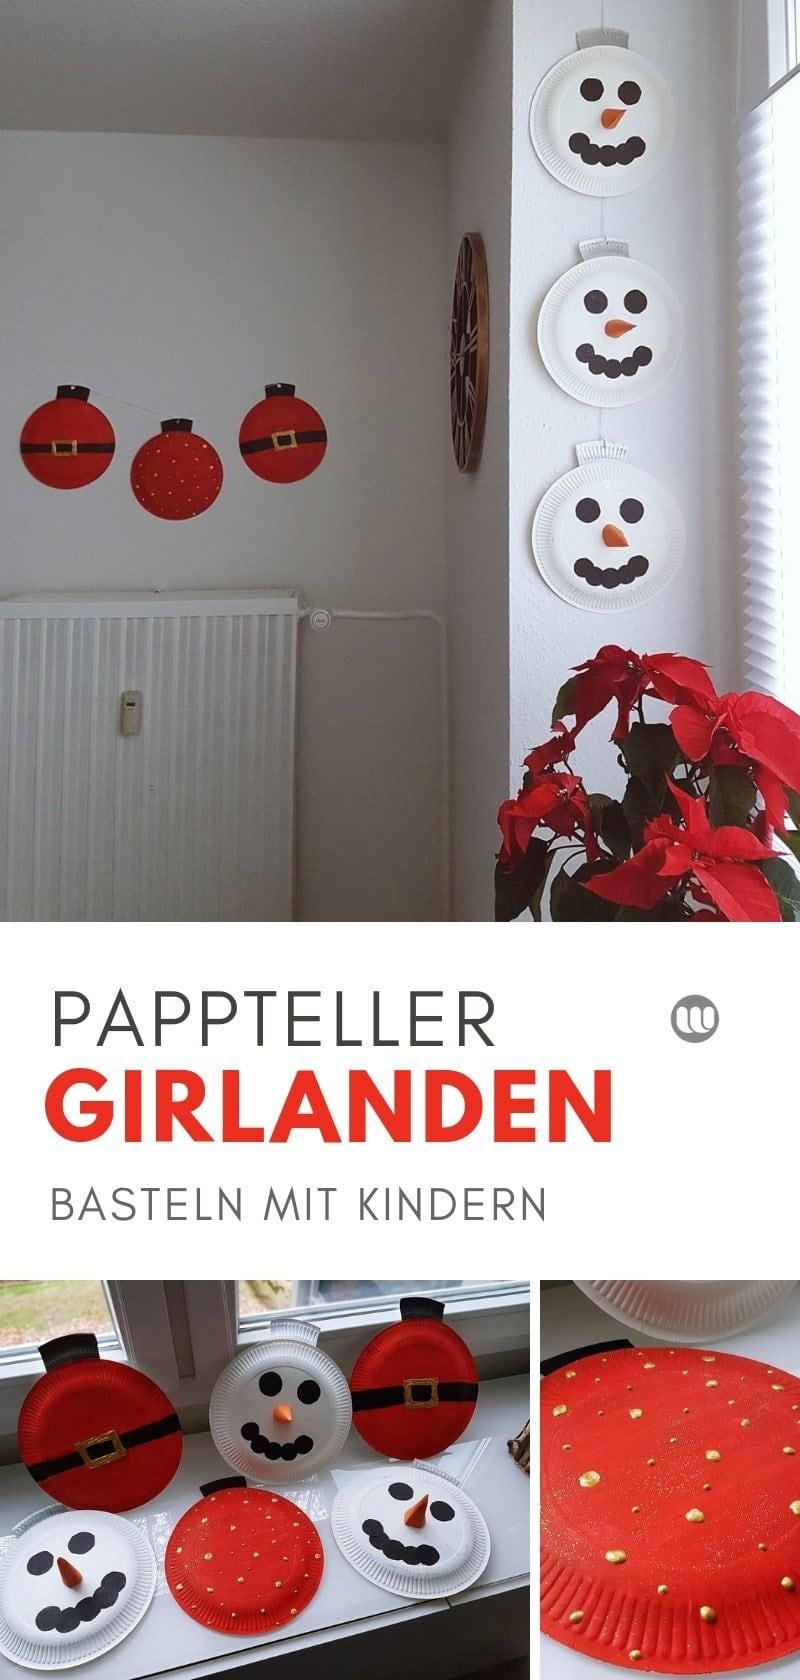 Pappteller Girlande Weihnachten: Kinder Bastelidee